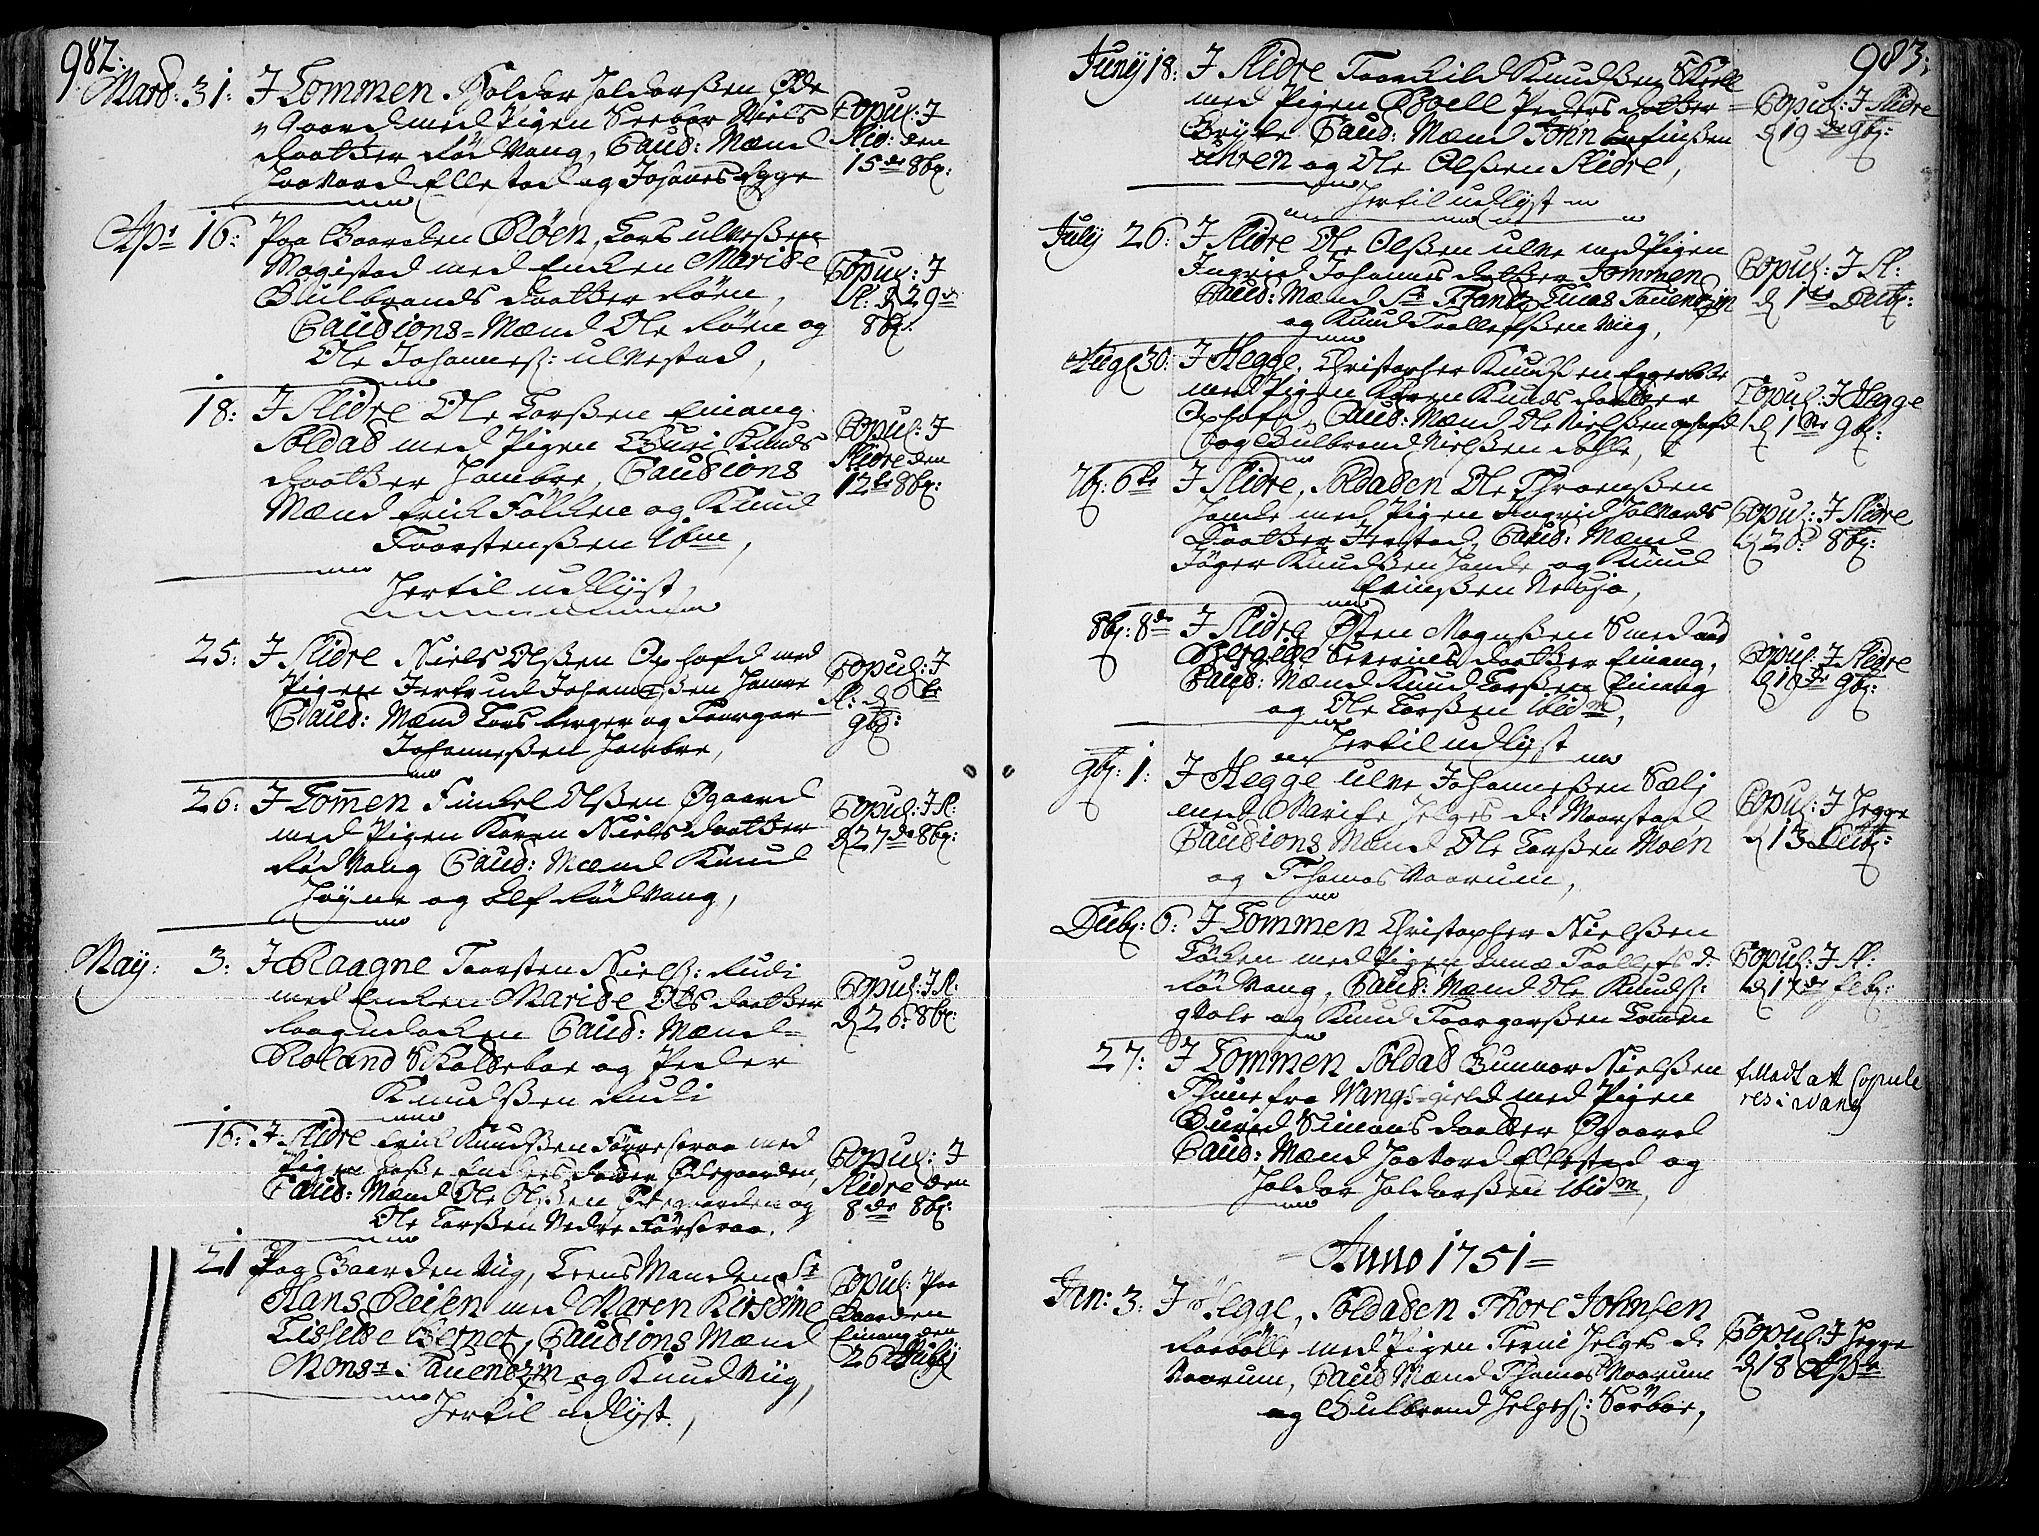 SAH, Slidre prestekontor, Ministerialbok nr. 1, 1724-1814, s. 982-983